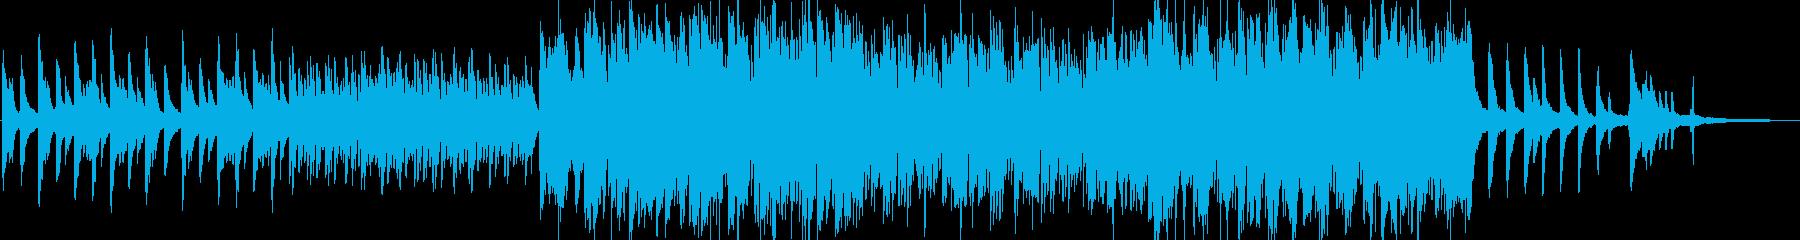 やさしく切ないピアノ曲の再生済みの波形